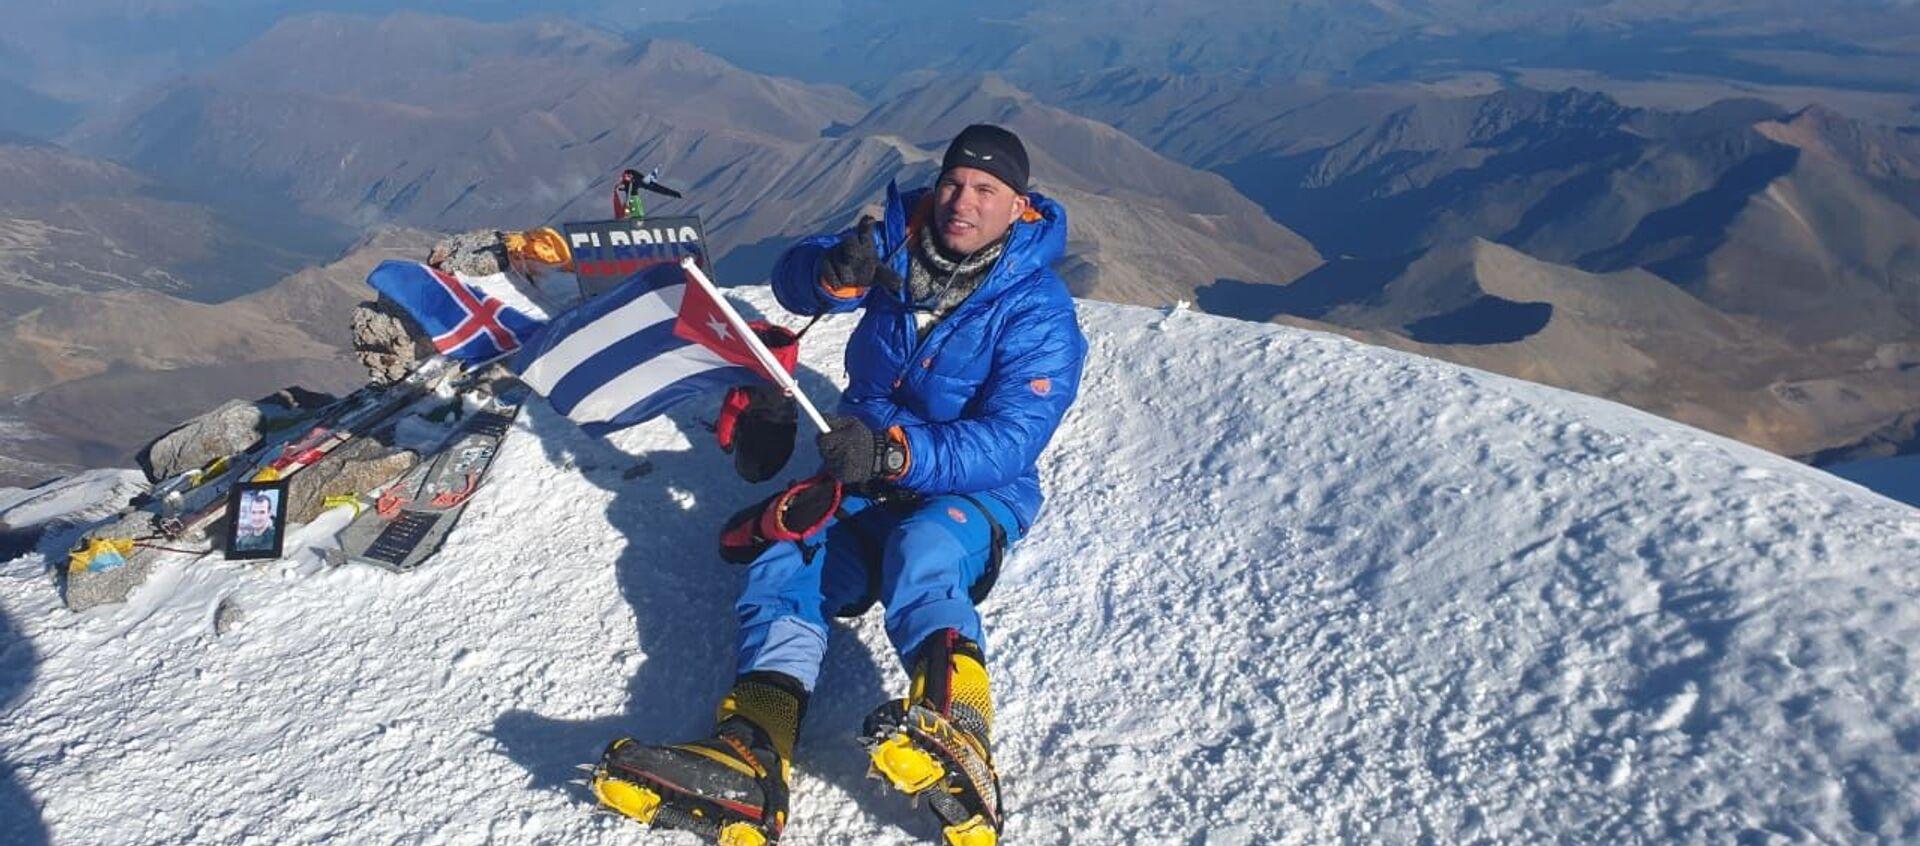 Yandy Núñez, primer cubano en escalar el Monte Elbrús de Rusia - Sputnik Mundo, 1920, 11.10.2019